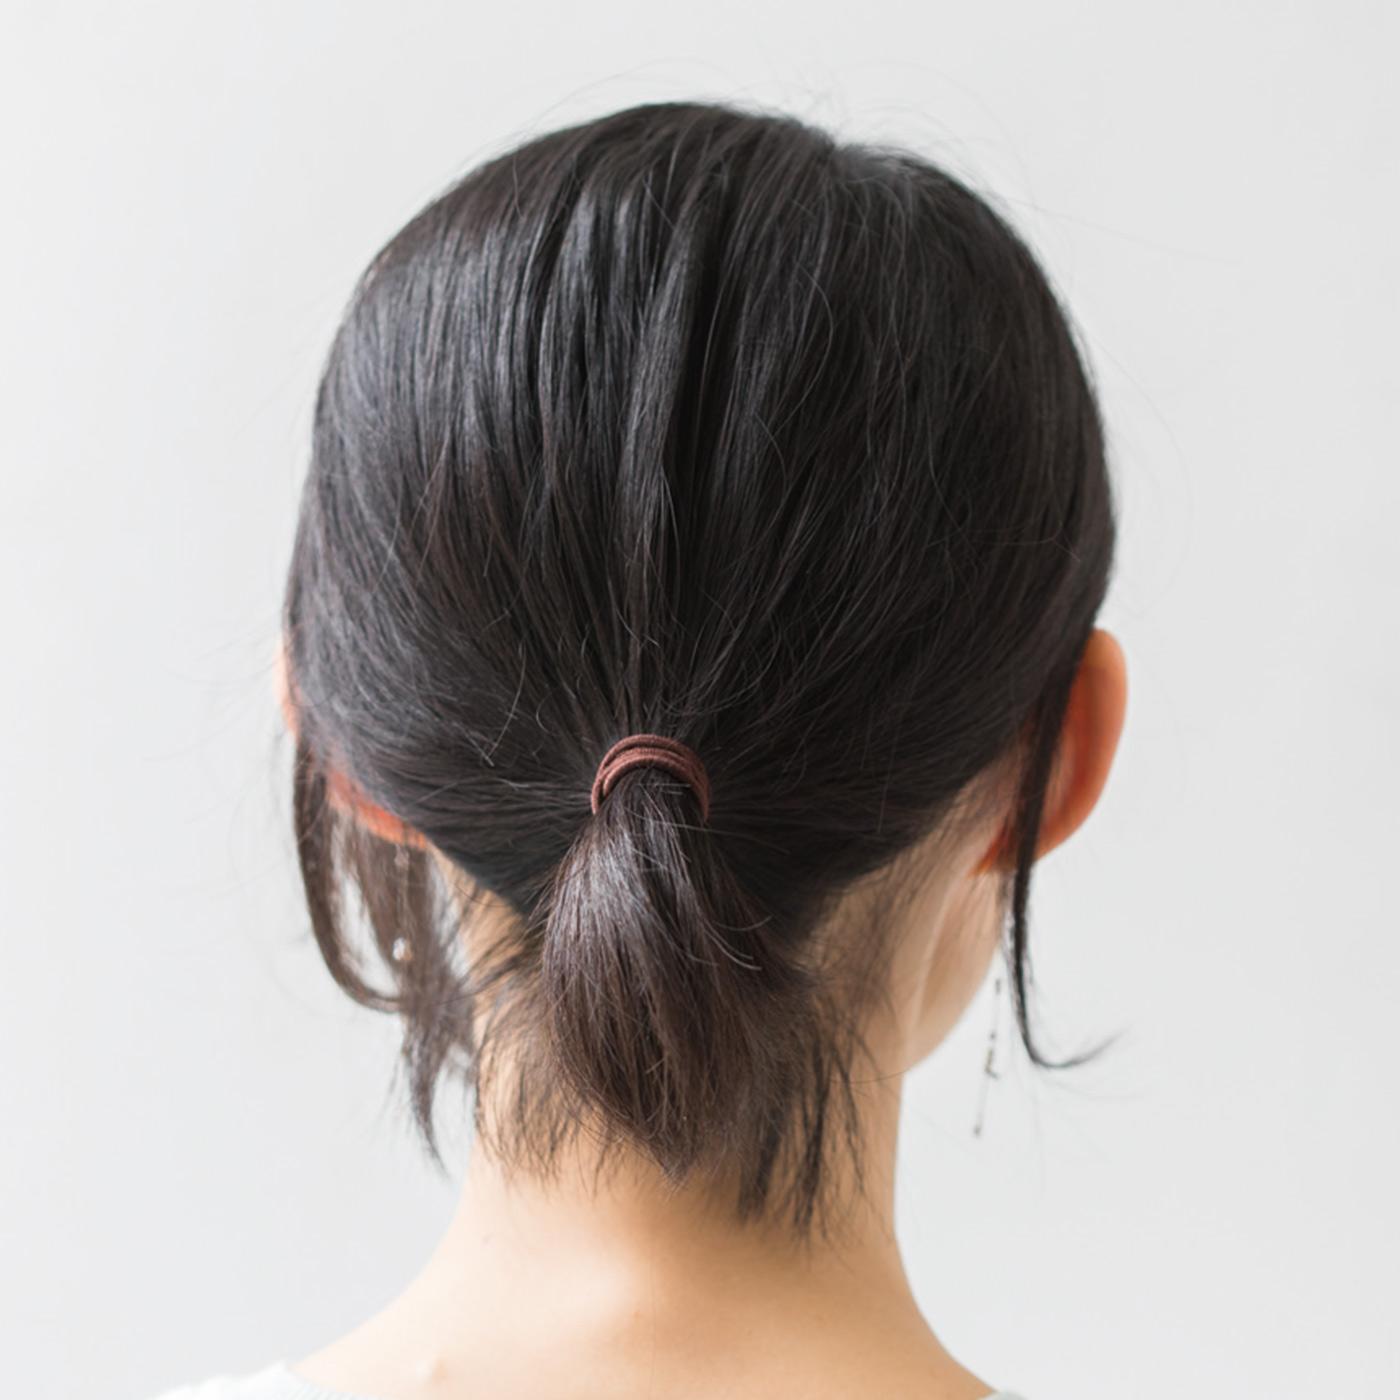 【ゴムだと……】後れ毛が目立つうえにちょこんと出た毛先もイマイチ……。